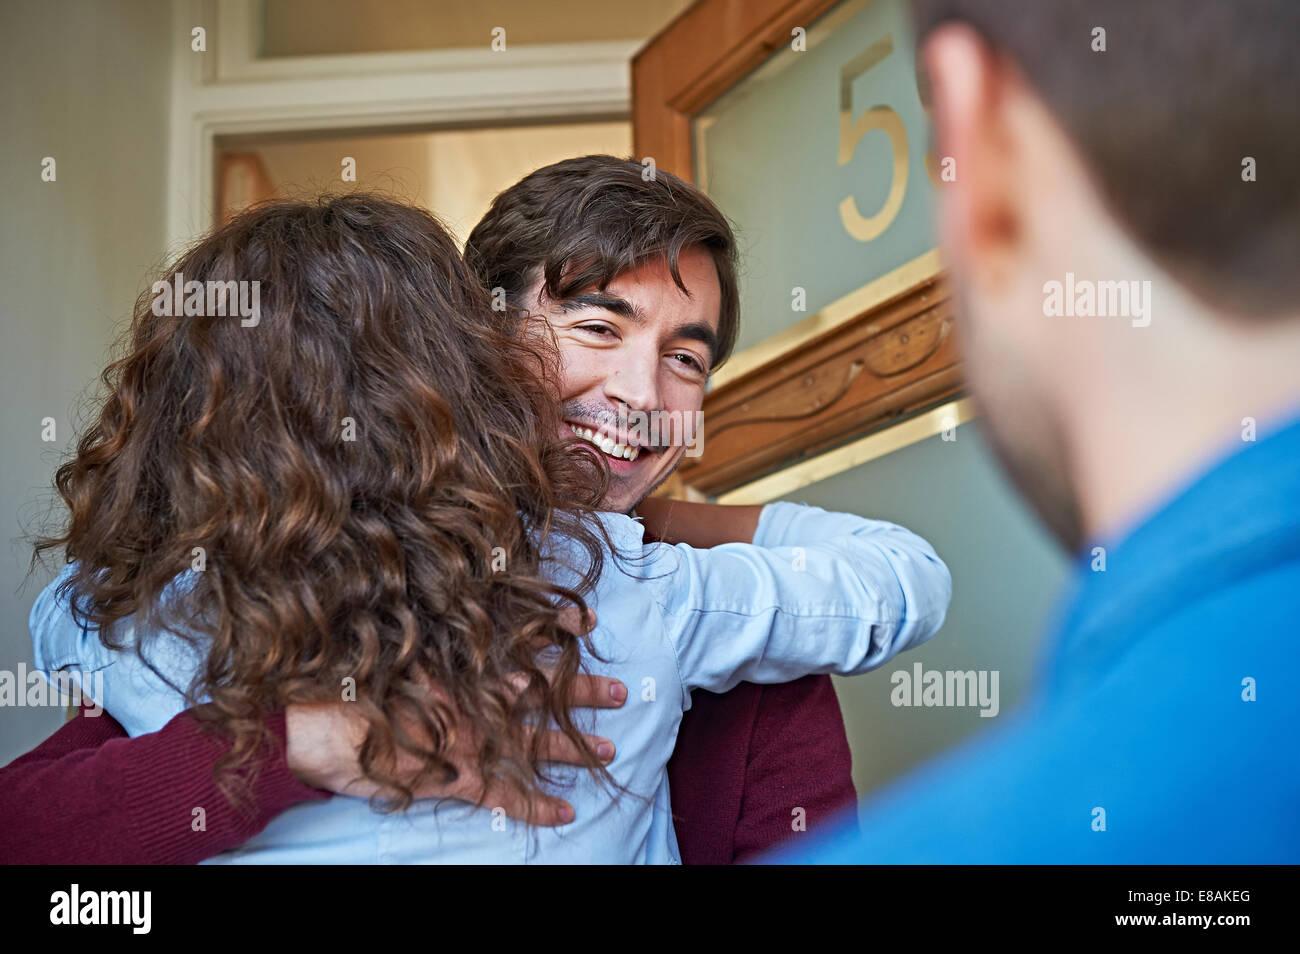 Man welcoming friends at front door - Stock Image